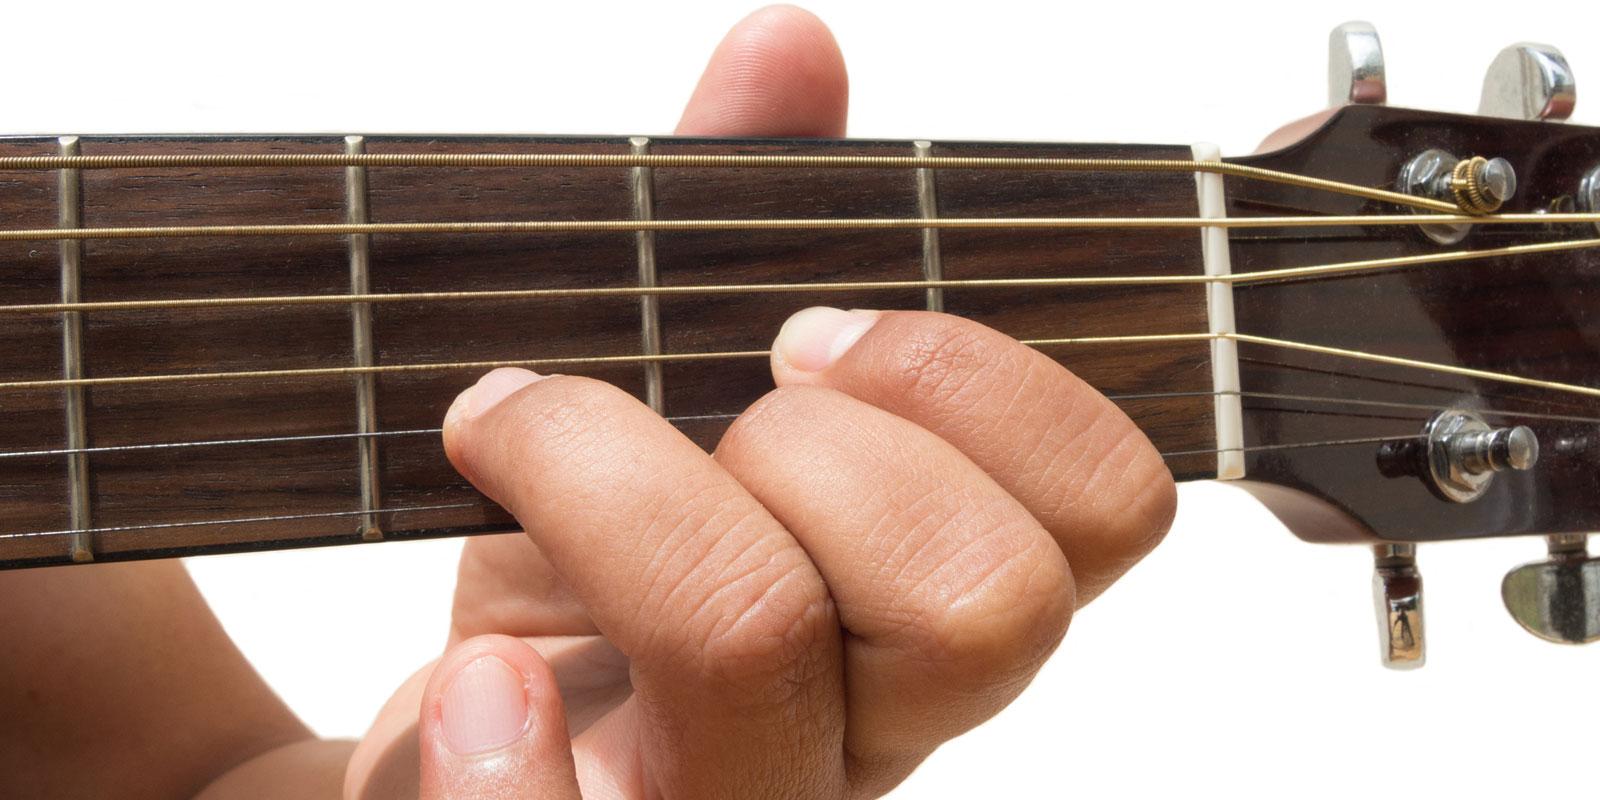 De 9 vanligste gitargrepene